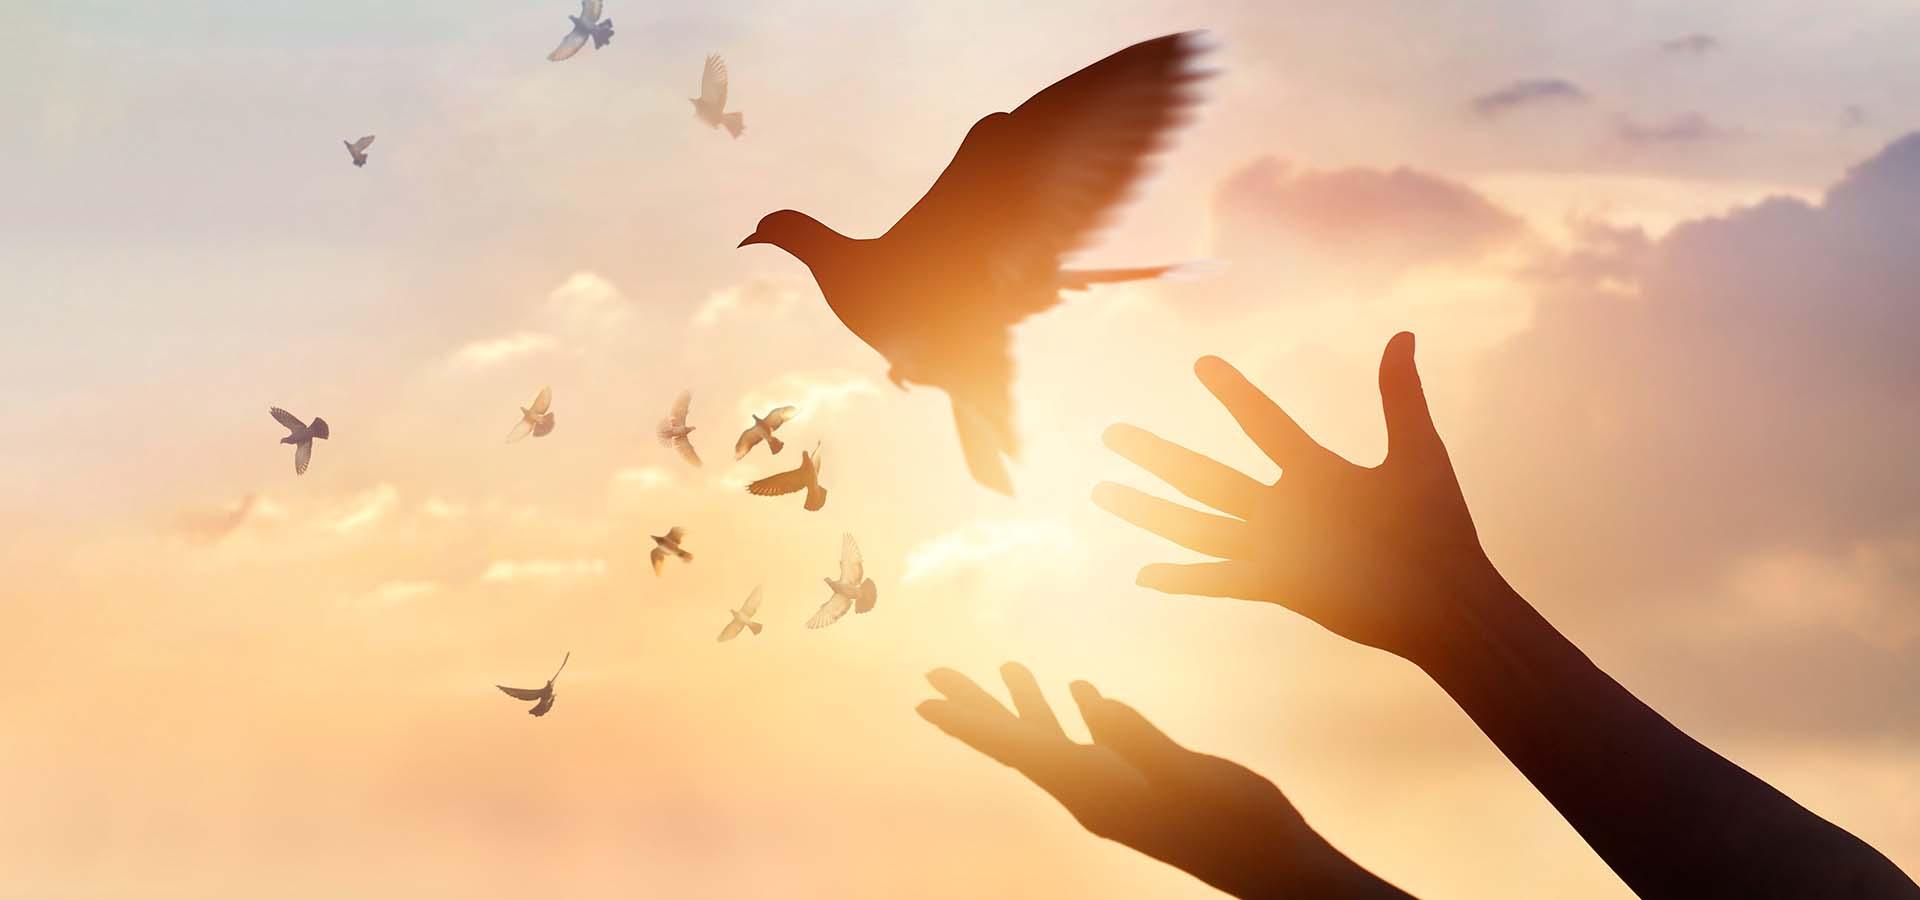 Σεμινάριο Προσωπικής Ανάπτυξης και Εσωτερικής Διδασκαλίας - Απελευθέρωση από τον Φόβο